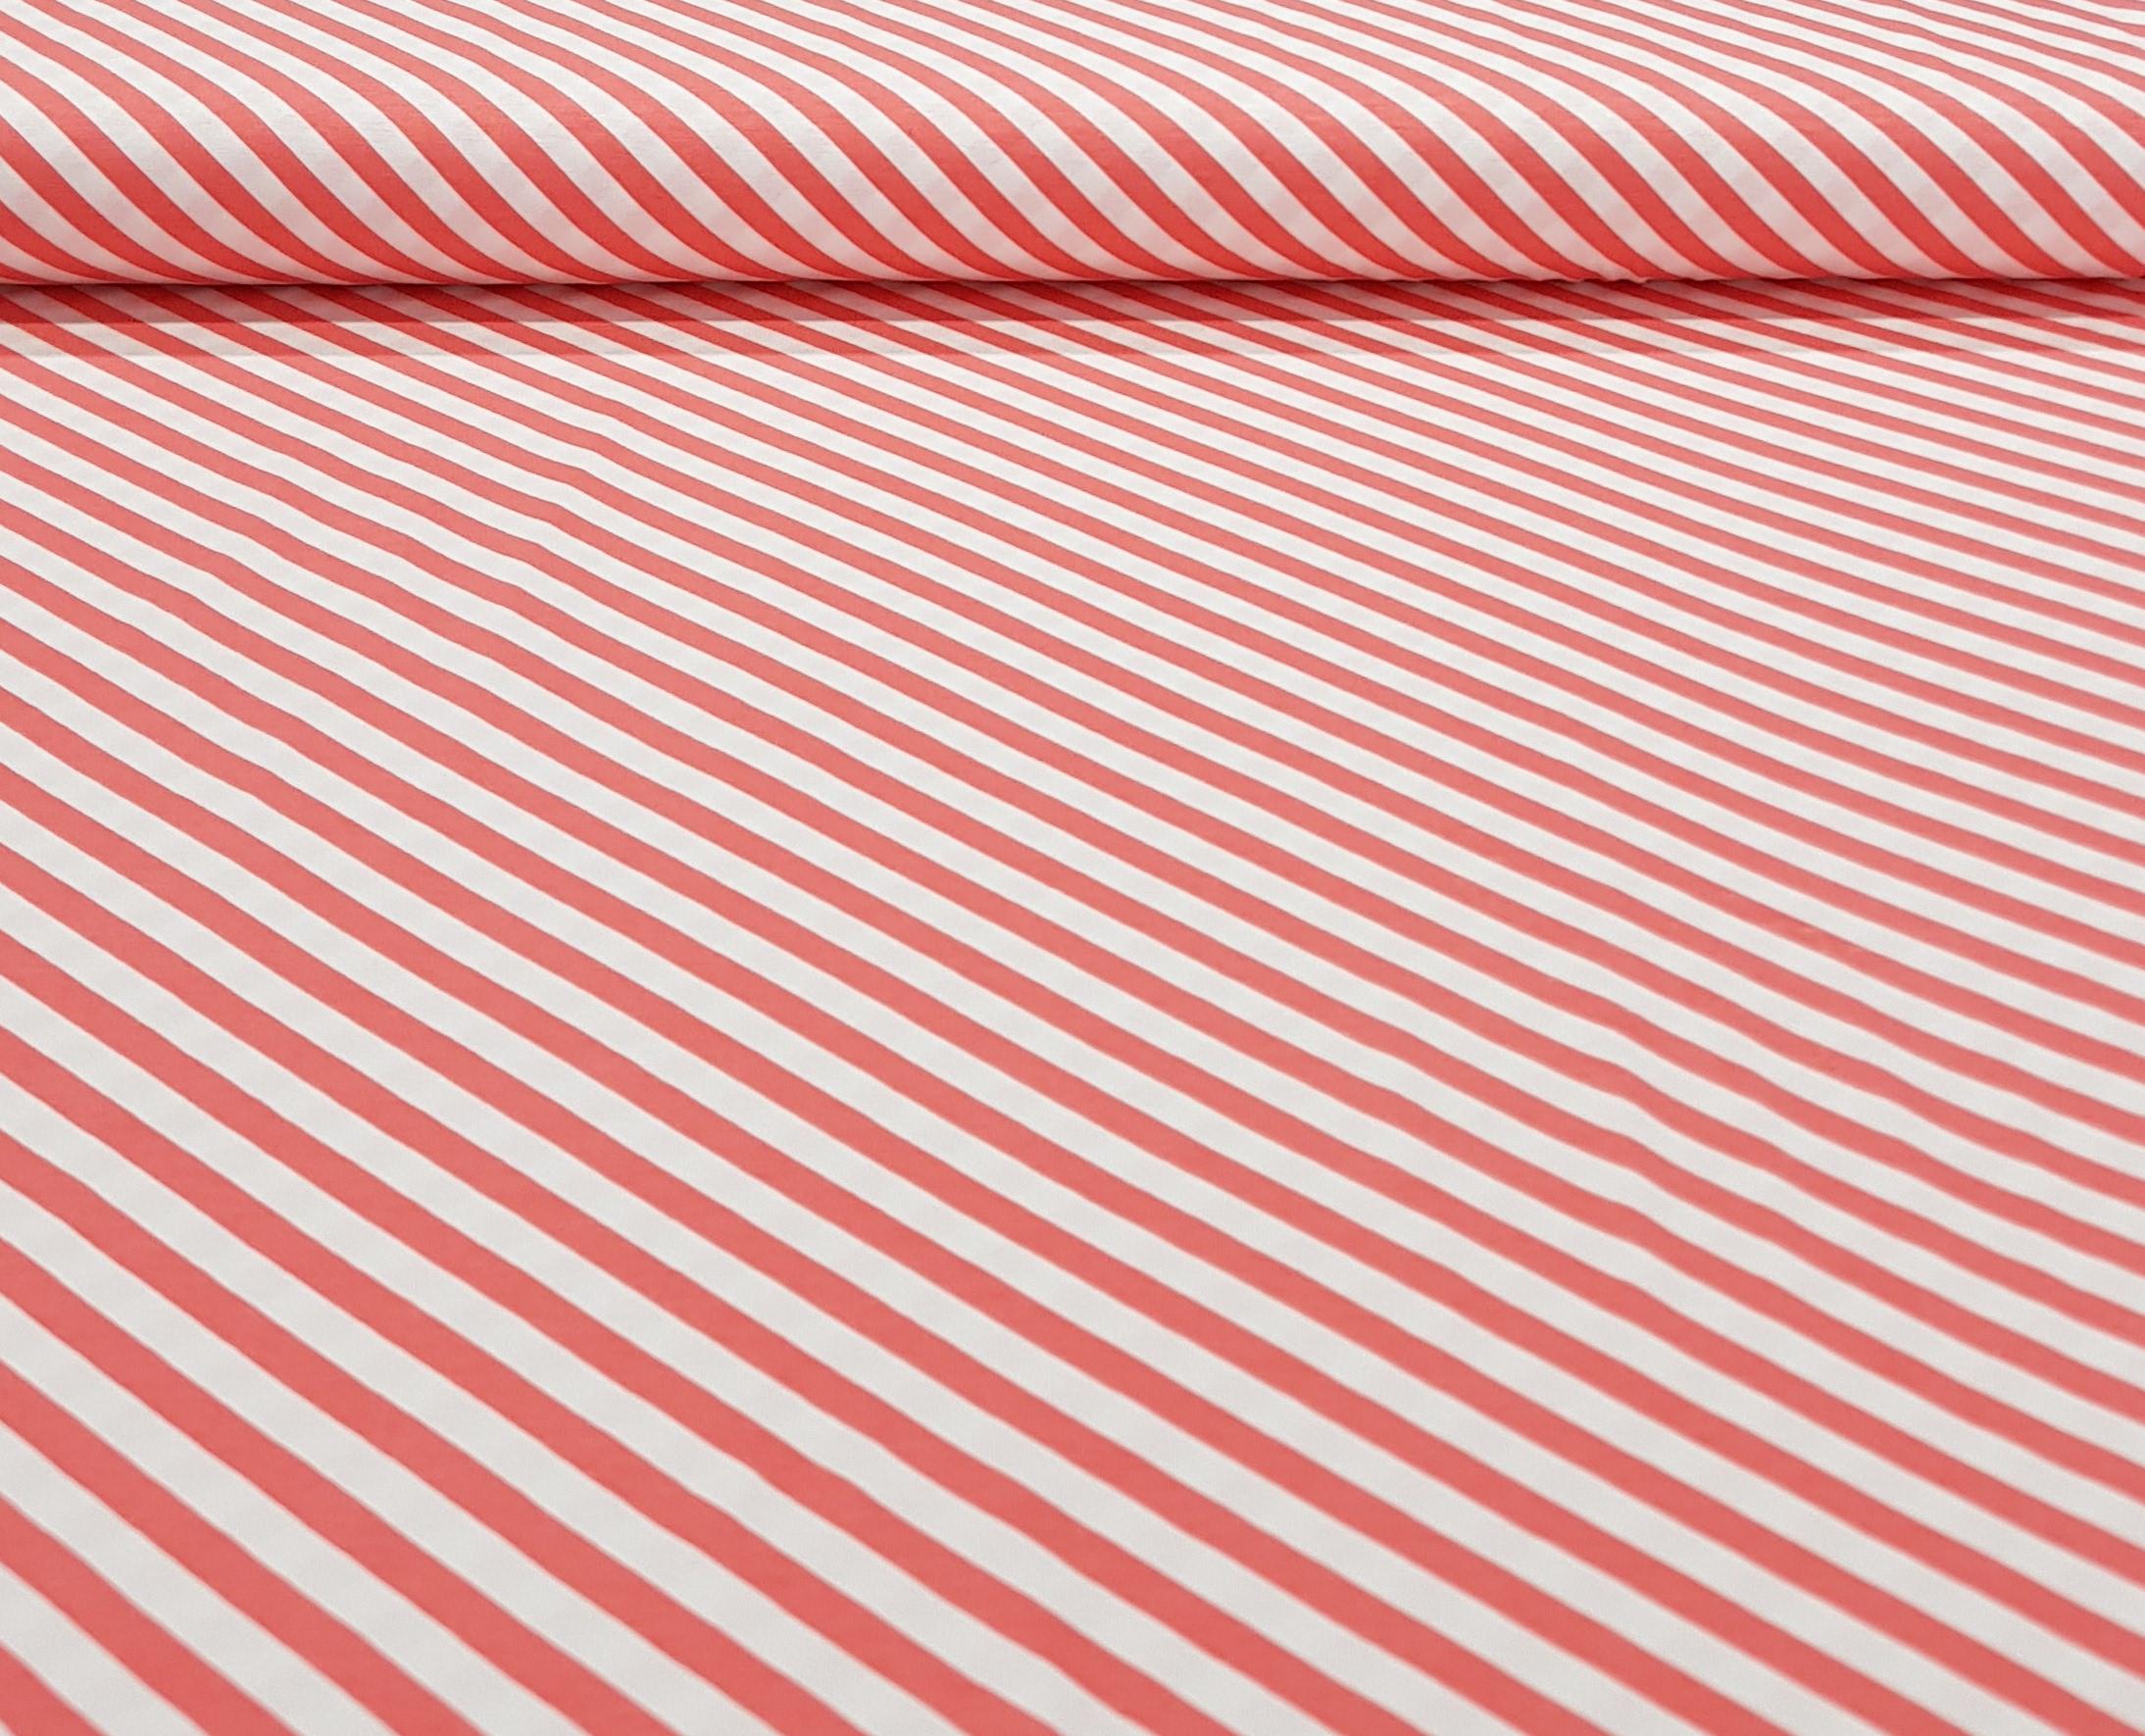 bedruktetricotdiagonalestreepzalmroze